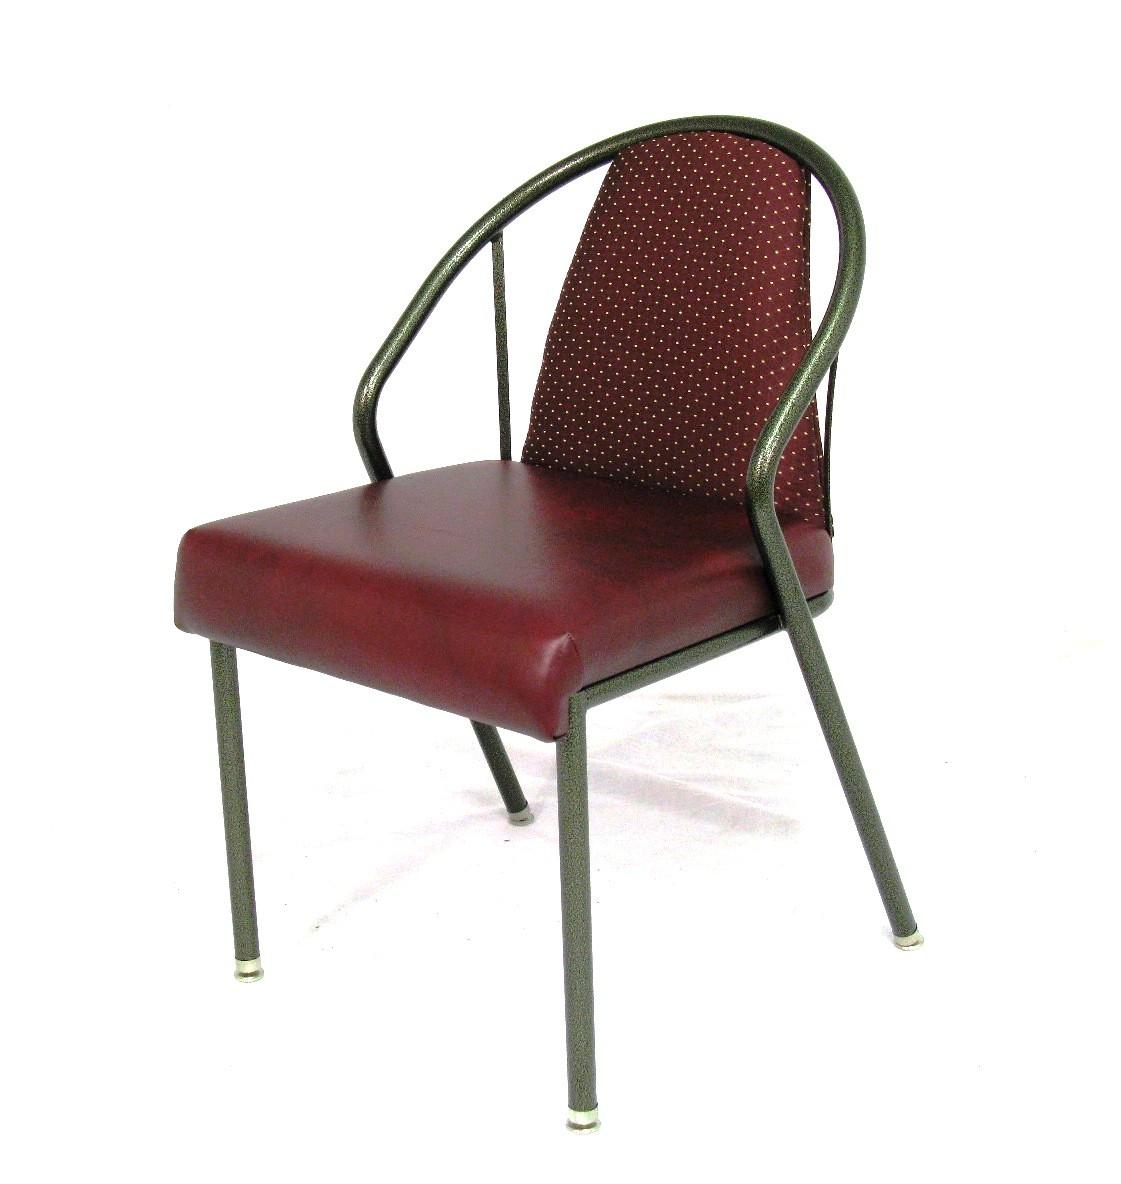 4008/4028 Chair